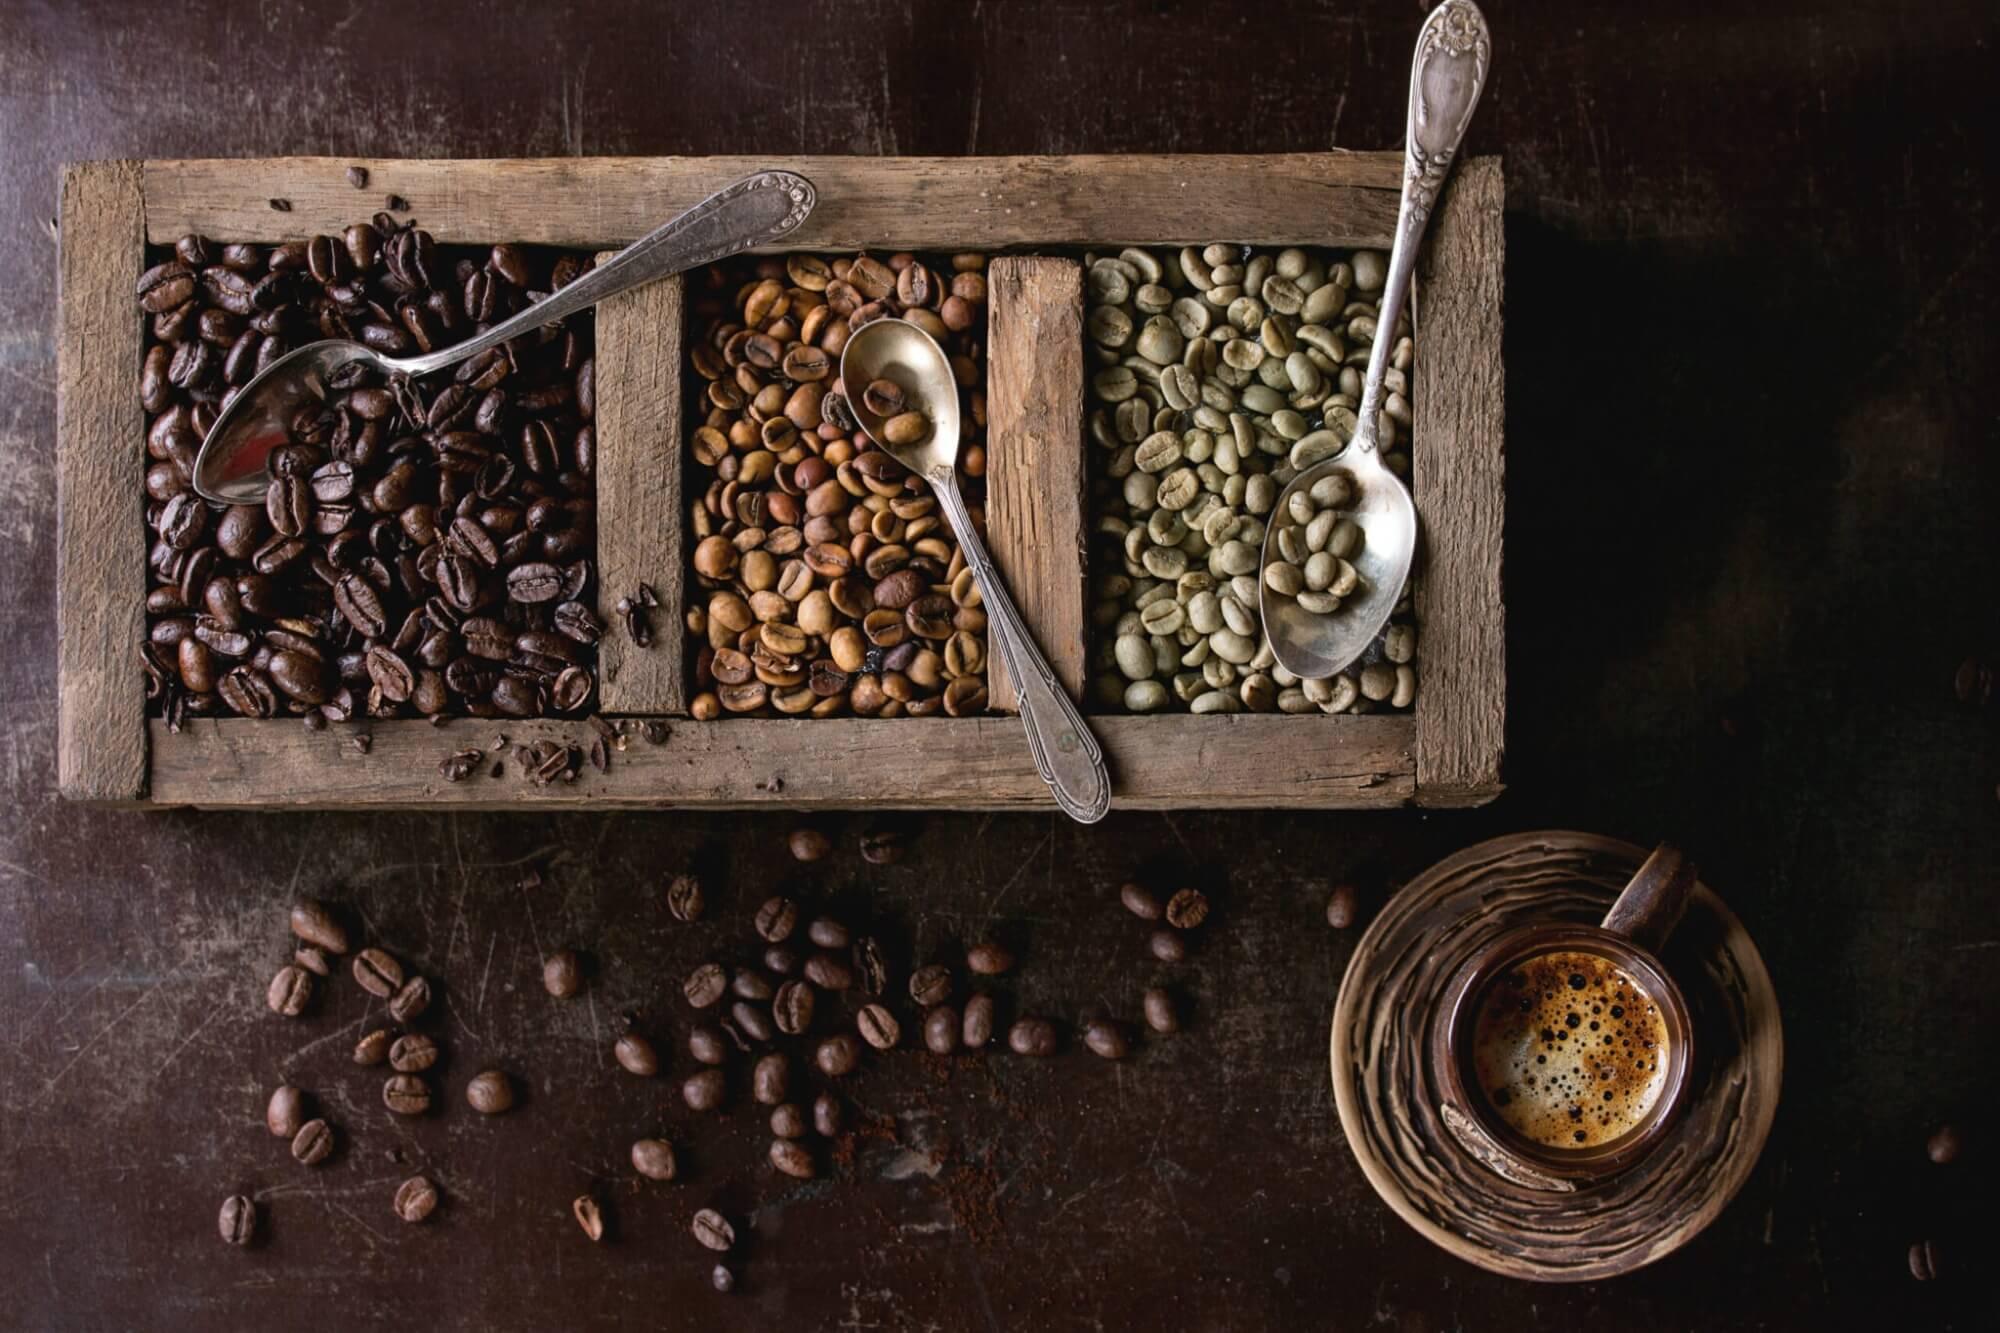 咖啡大師|咖啡豆烘焙程度與咖啡風味之影響?